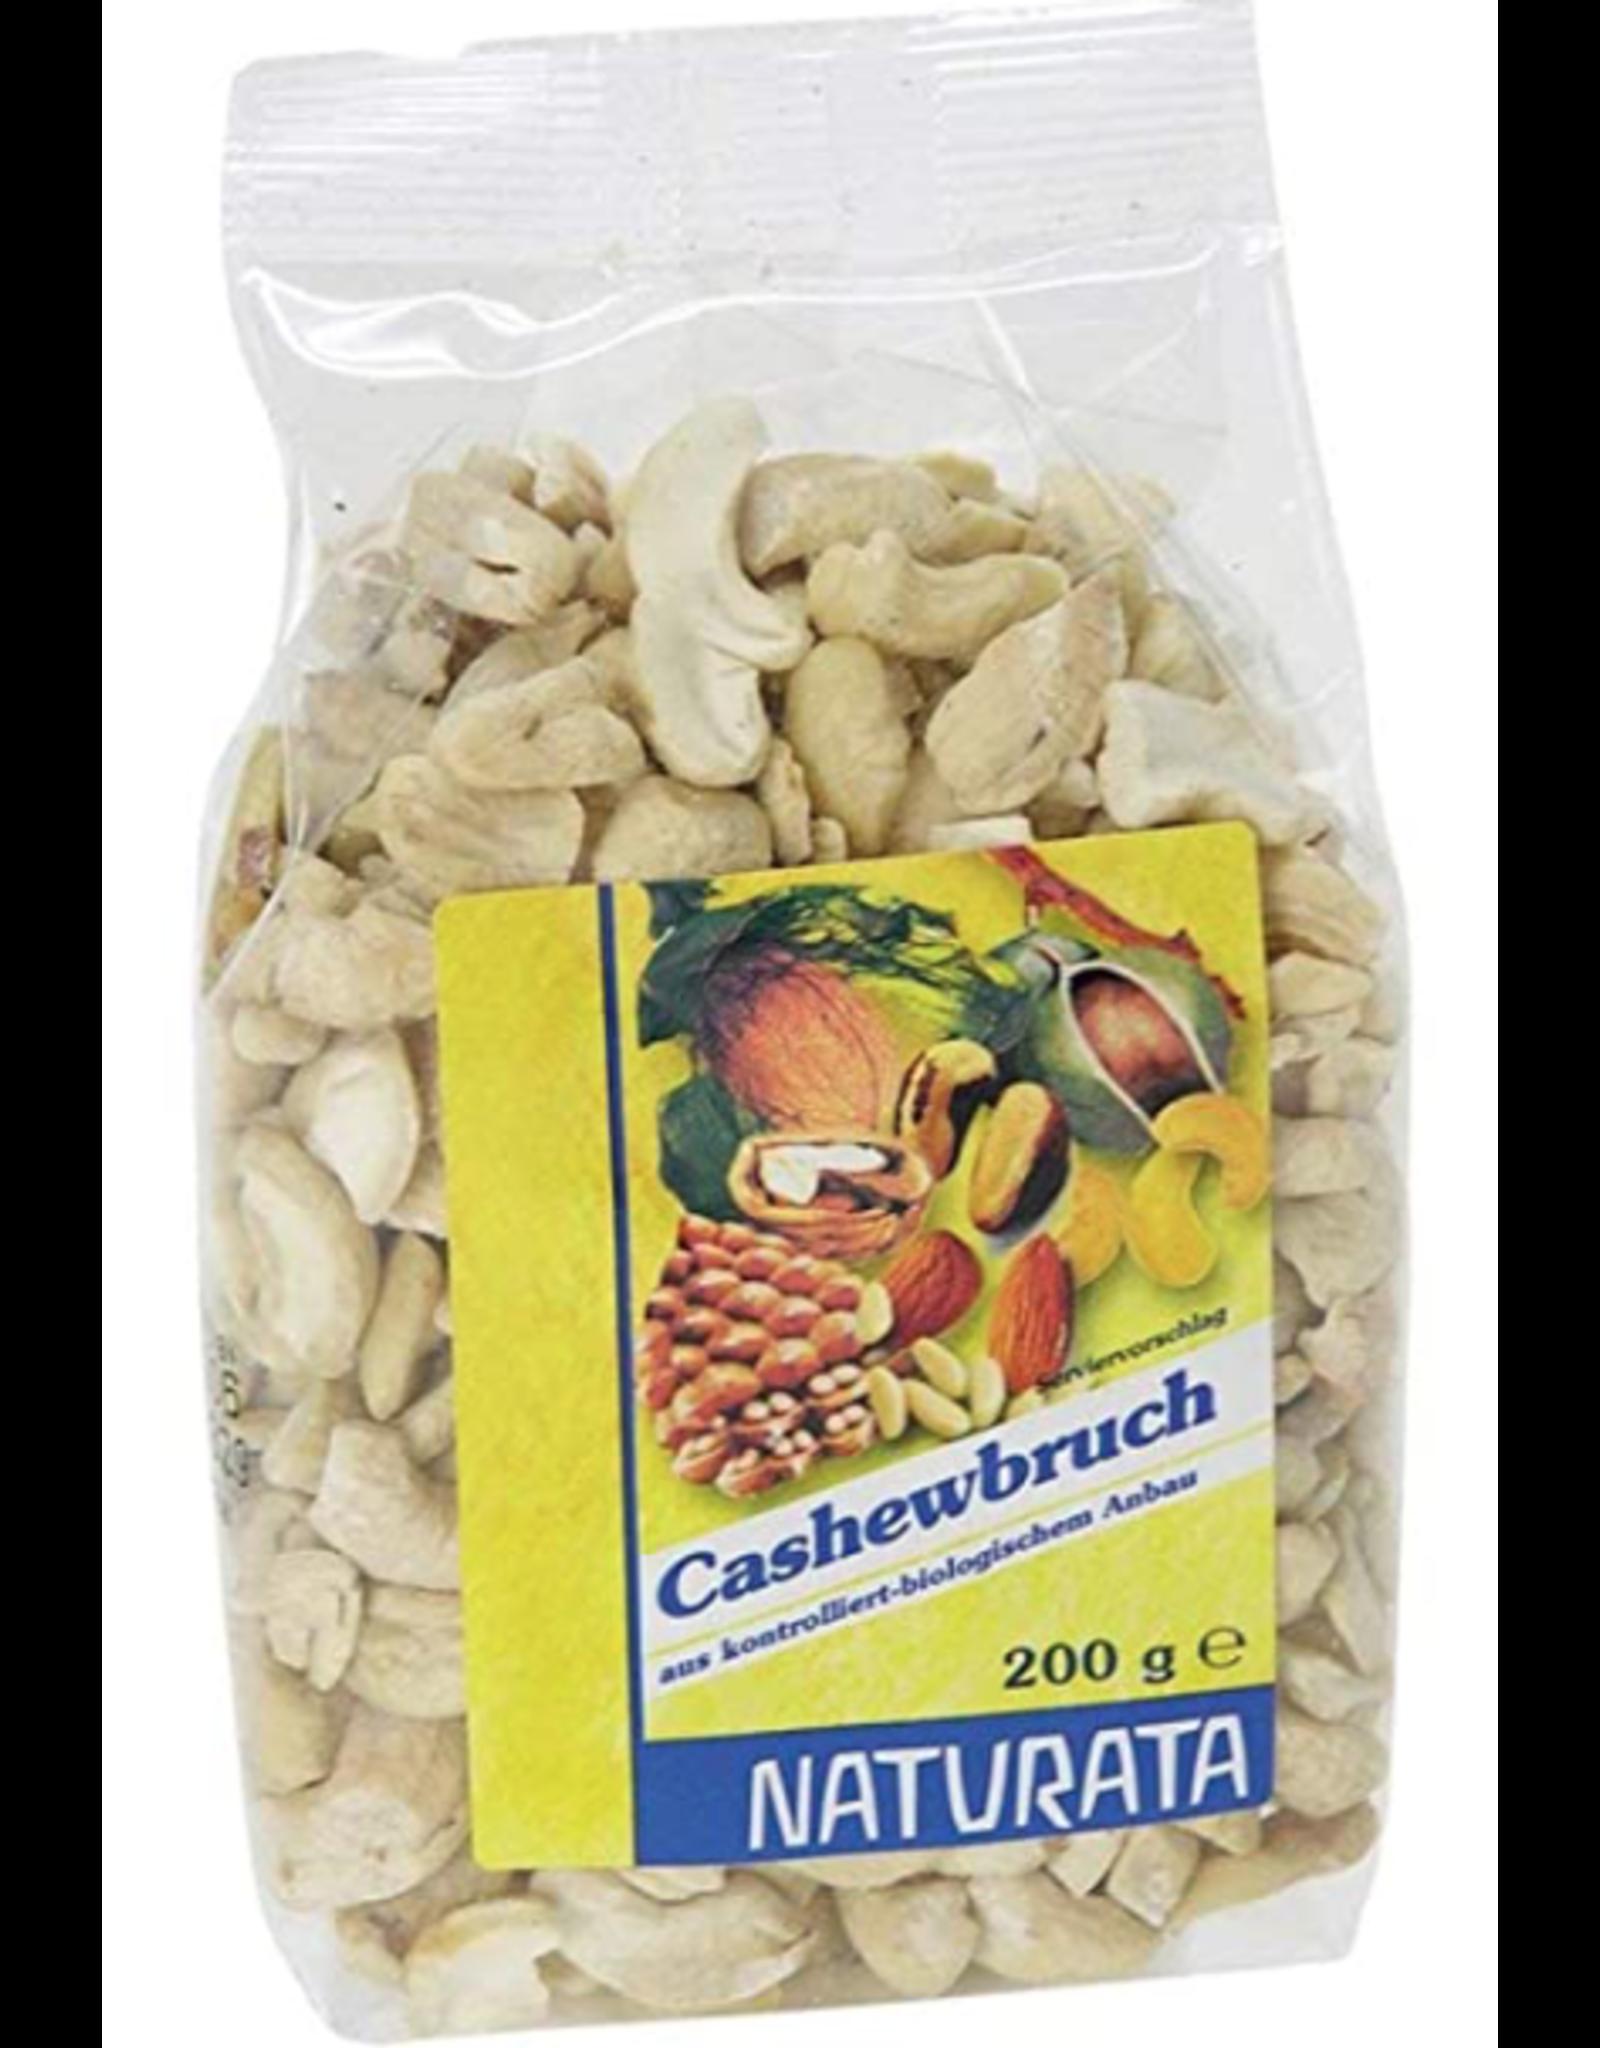 NATURATA Cashewkerne großer Bruch 200g